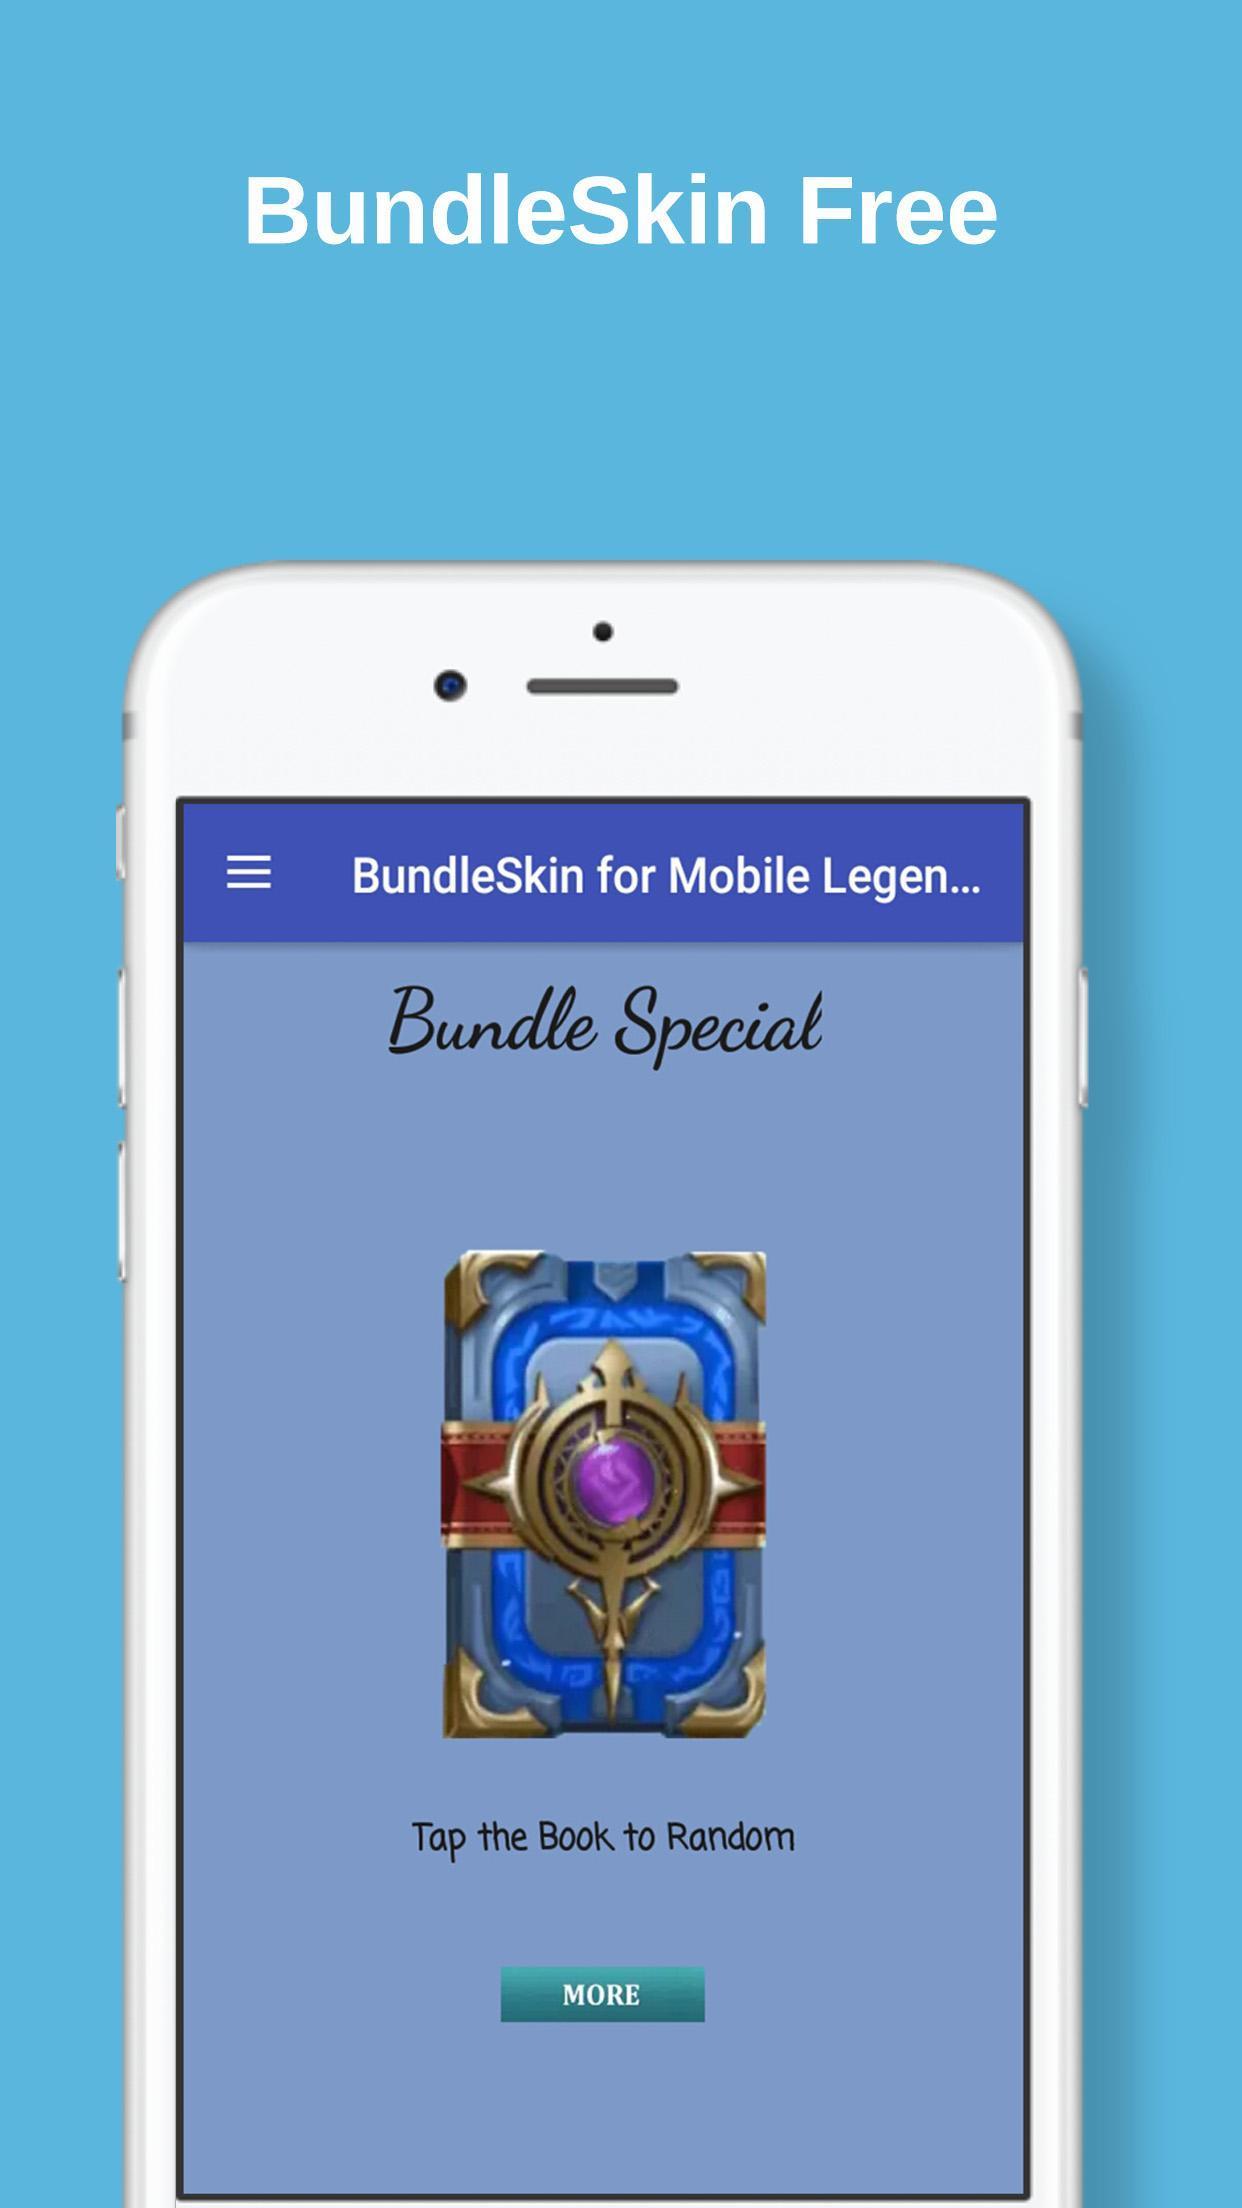 Bundle Skin Free Mobile Legends Rewards for Android - APK